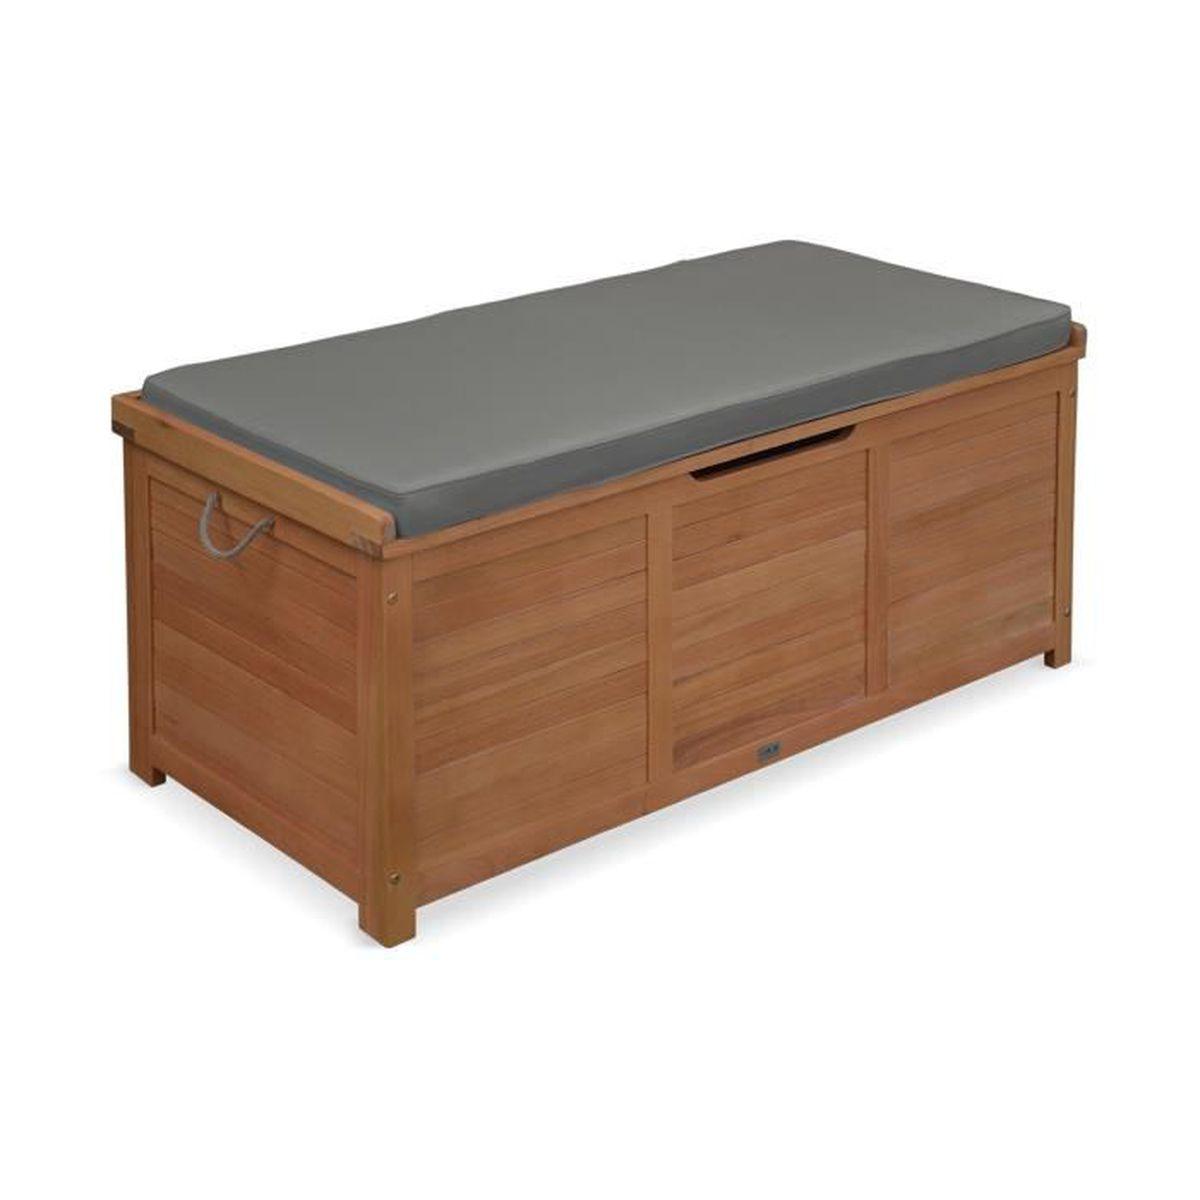 coffre de jardin caja en bois 125x60cm rangement coussins. Black Bedroom Furniture Sets. Home Design Ideas